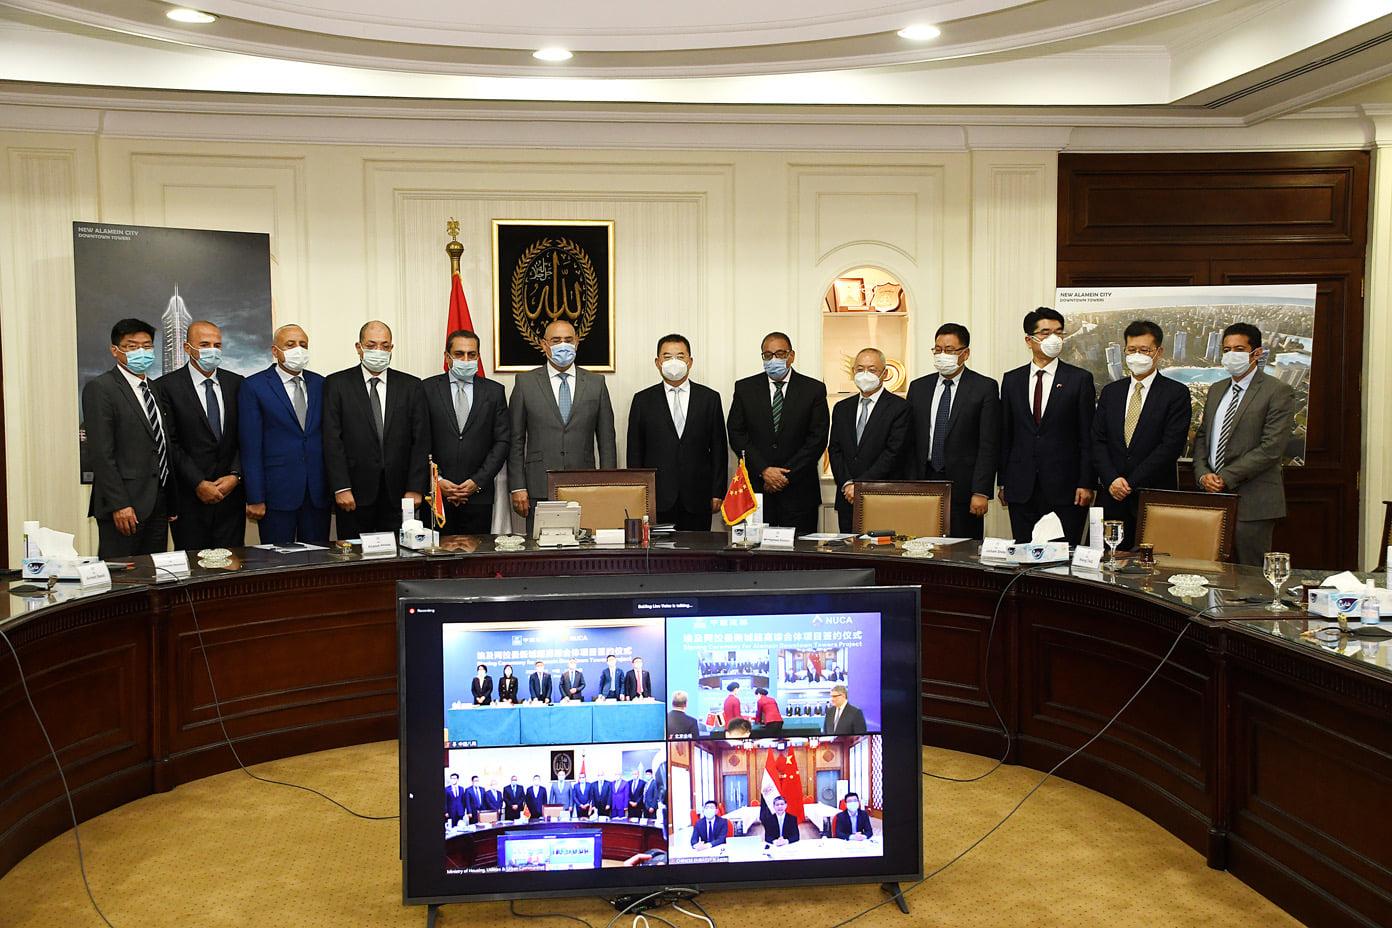 صور | وزير الإسكان وسفير الصين يشهدان توقيع عقد تنفيذ 5أبراج بالعلمين الجديدة